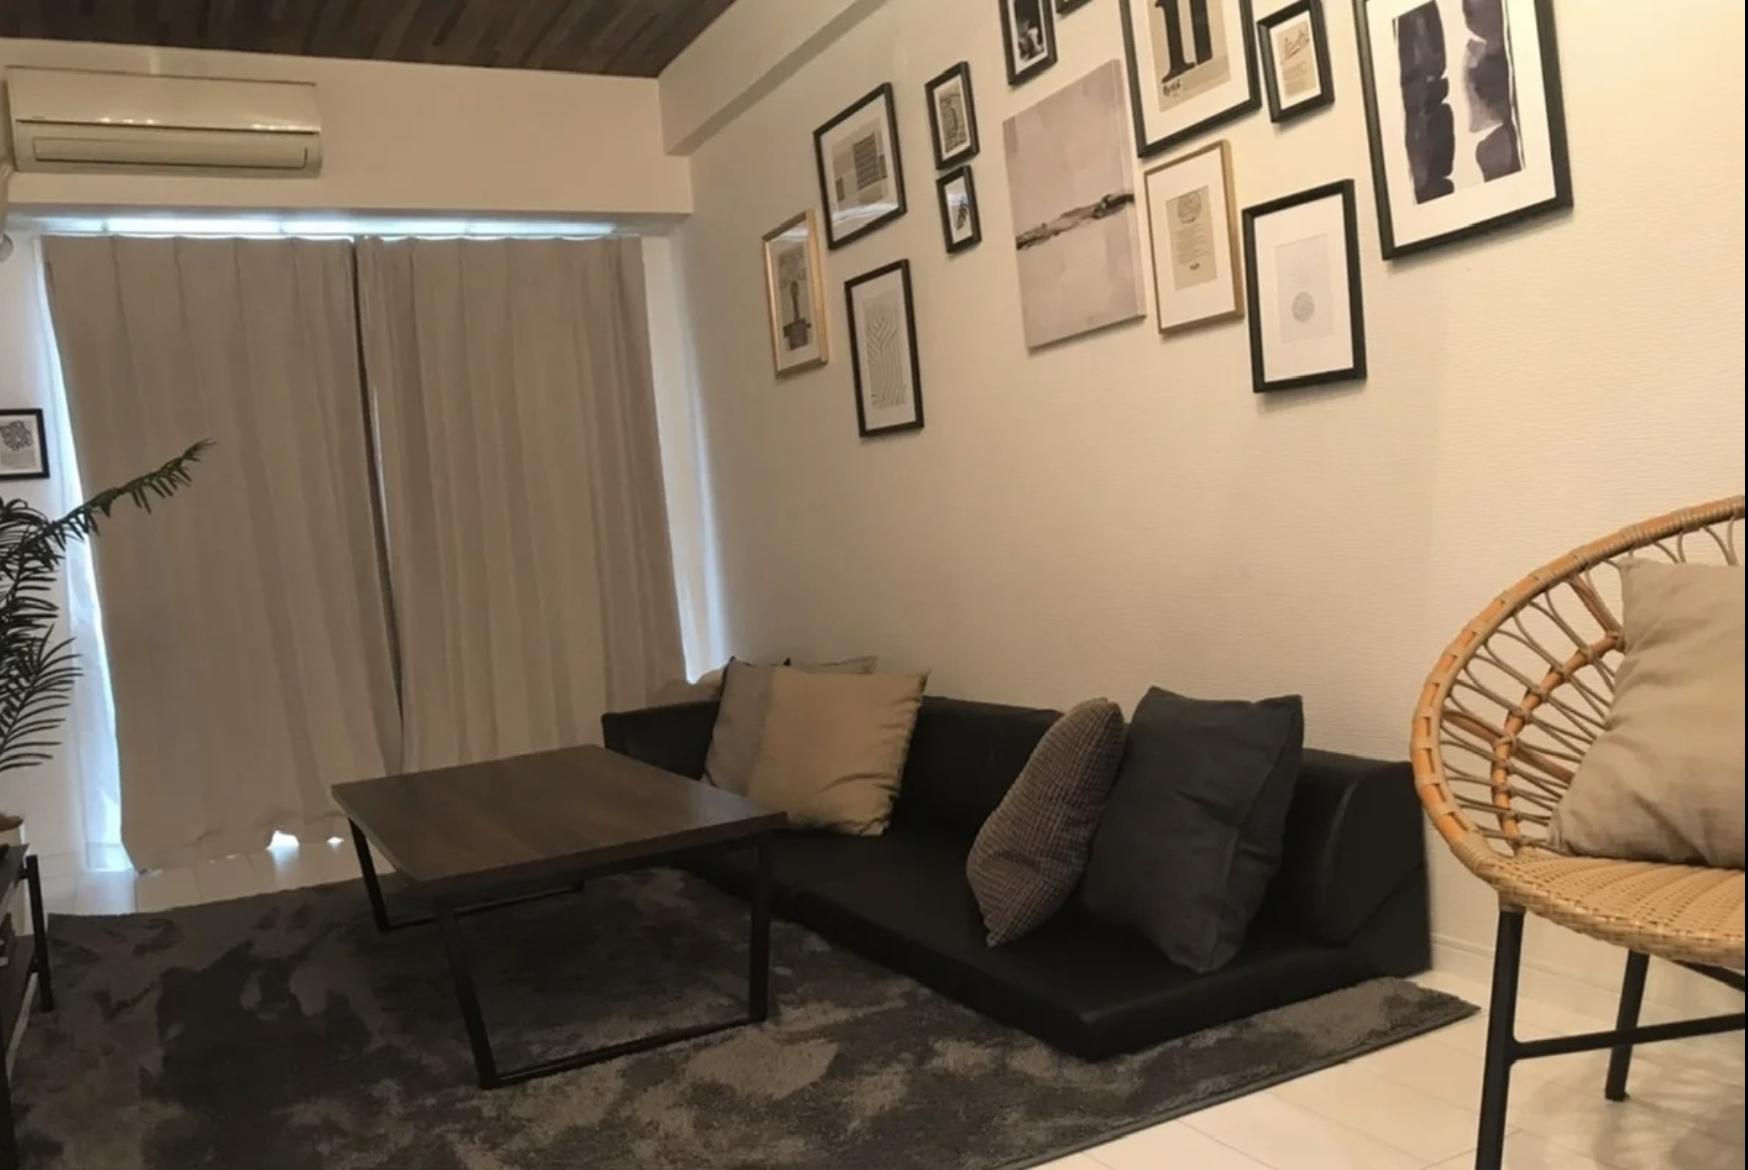 ゆったりとできるスペースです - レンタルスペース【ルームルーム】 レンタルスペースルームルームの室内の写真